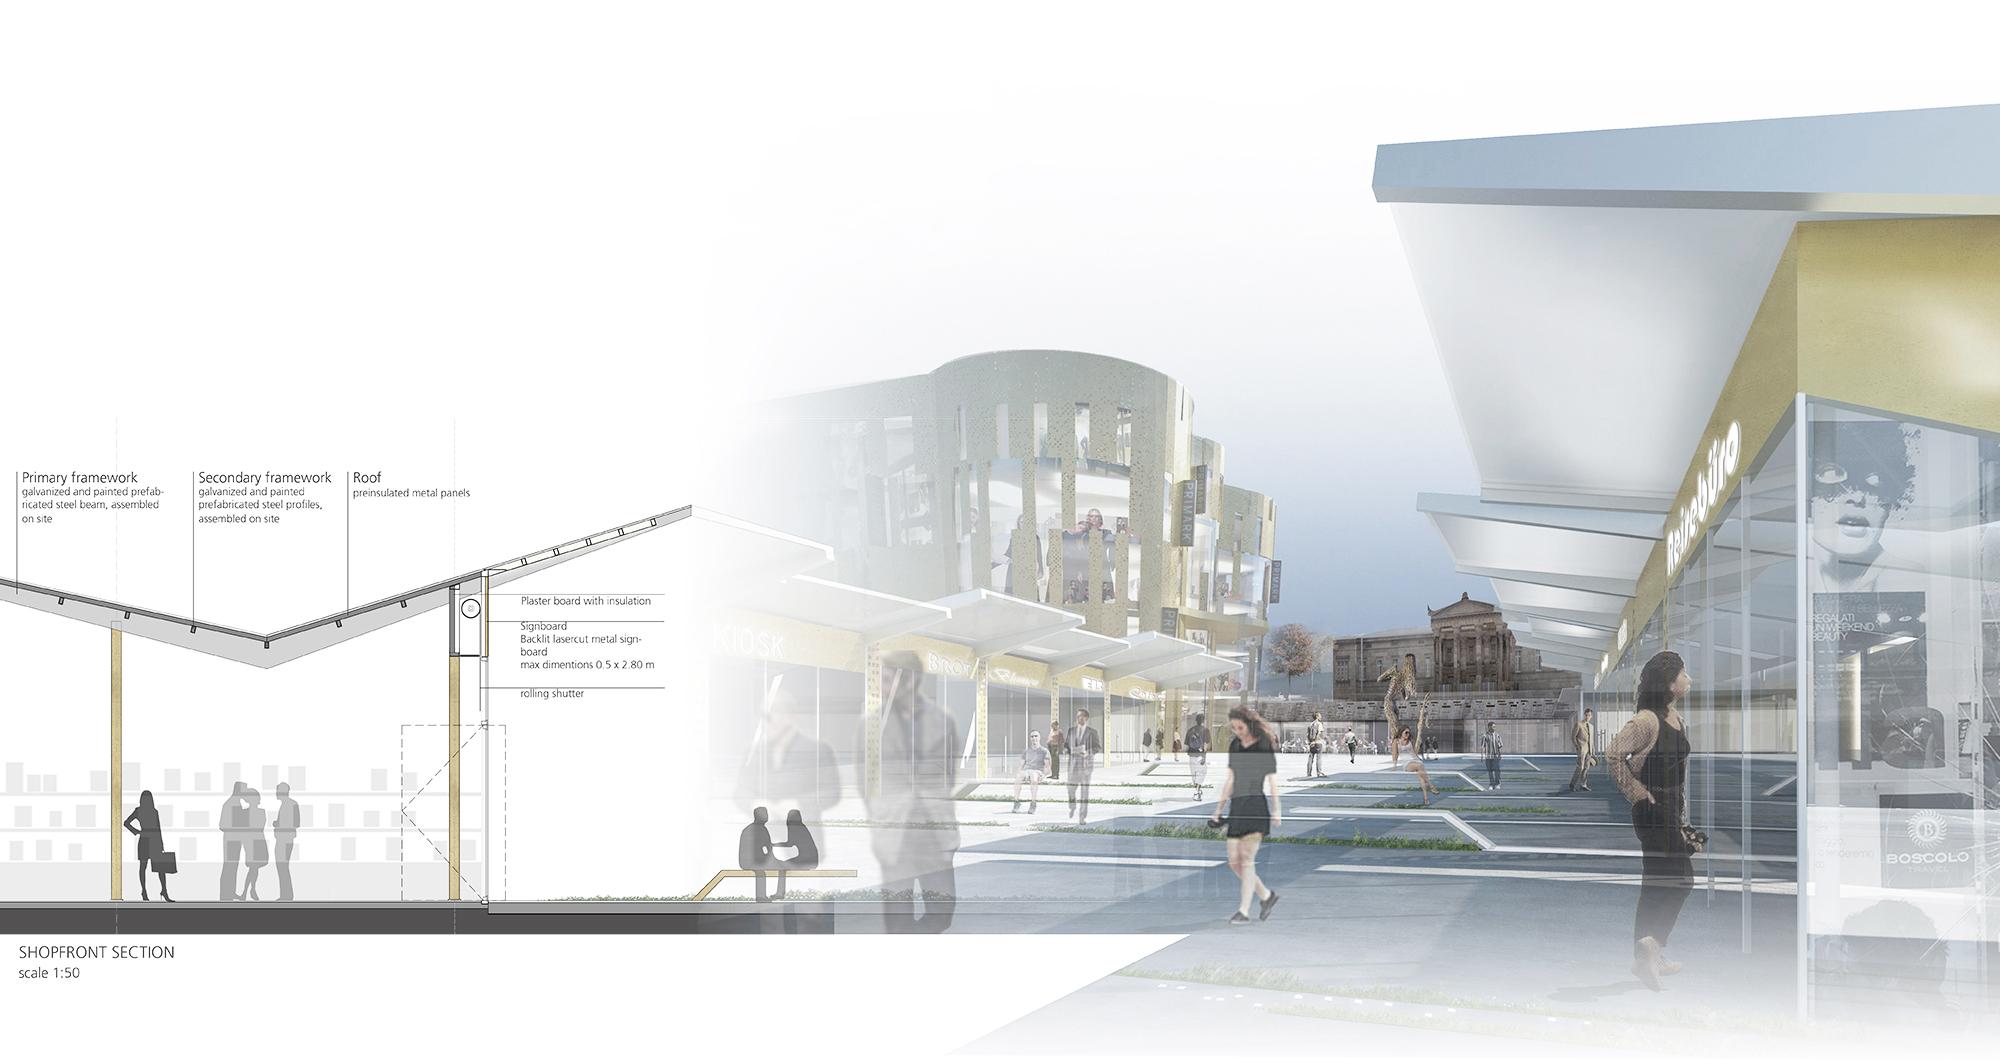 Neugestaltung Wuppertal Döppersberg Ideenwettbewerb Brückenpavillons